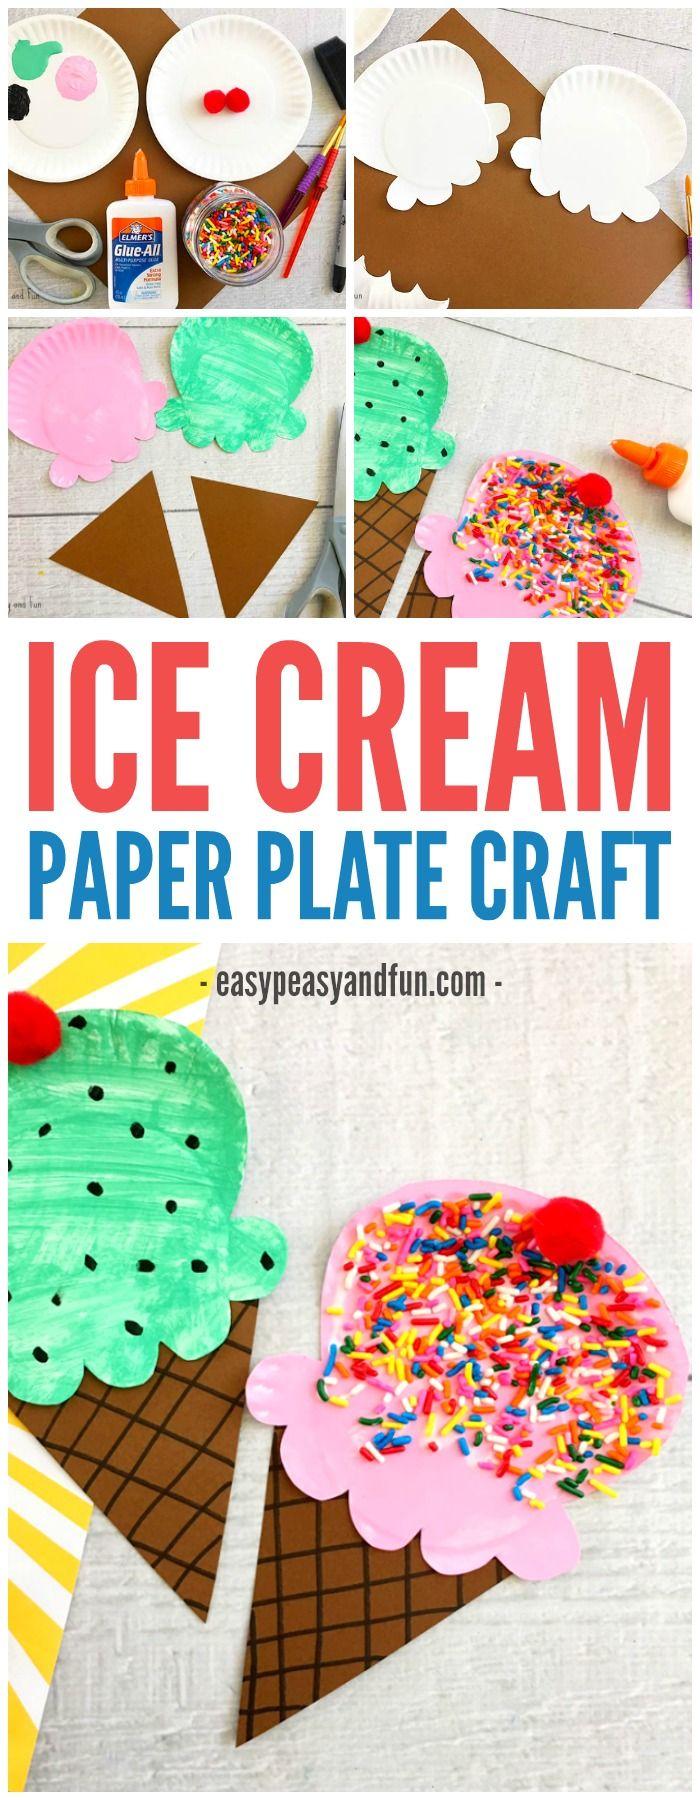 49+ Fun paper crafts games info